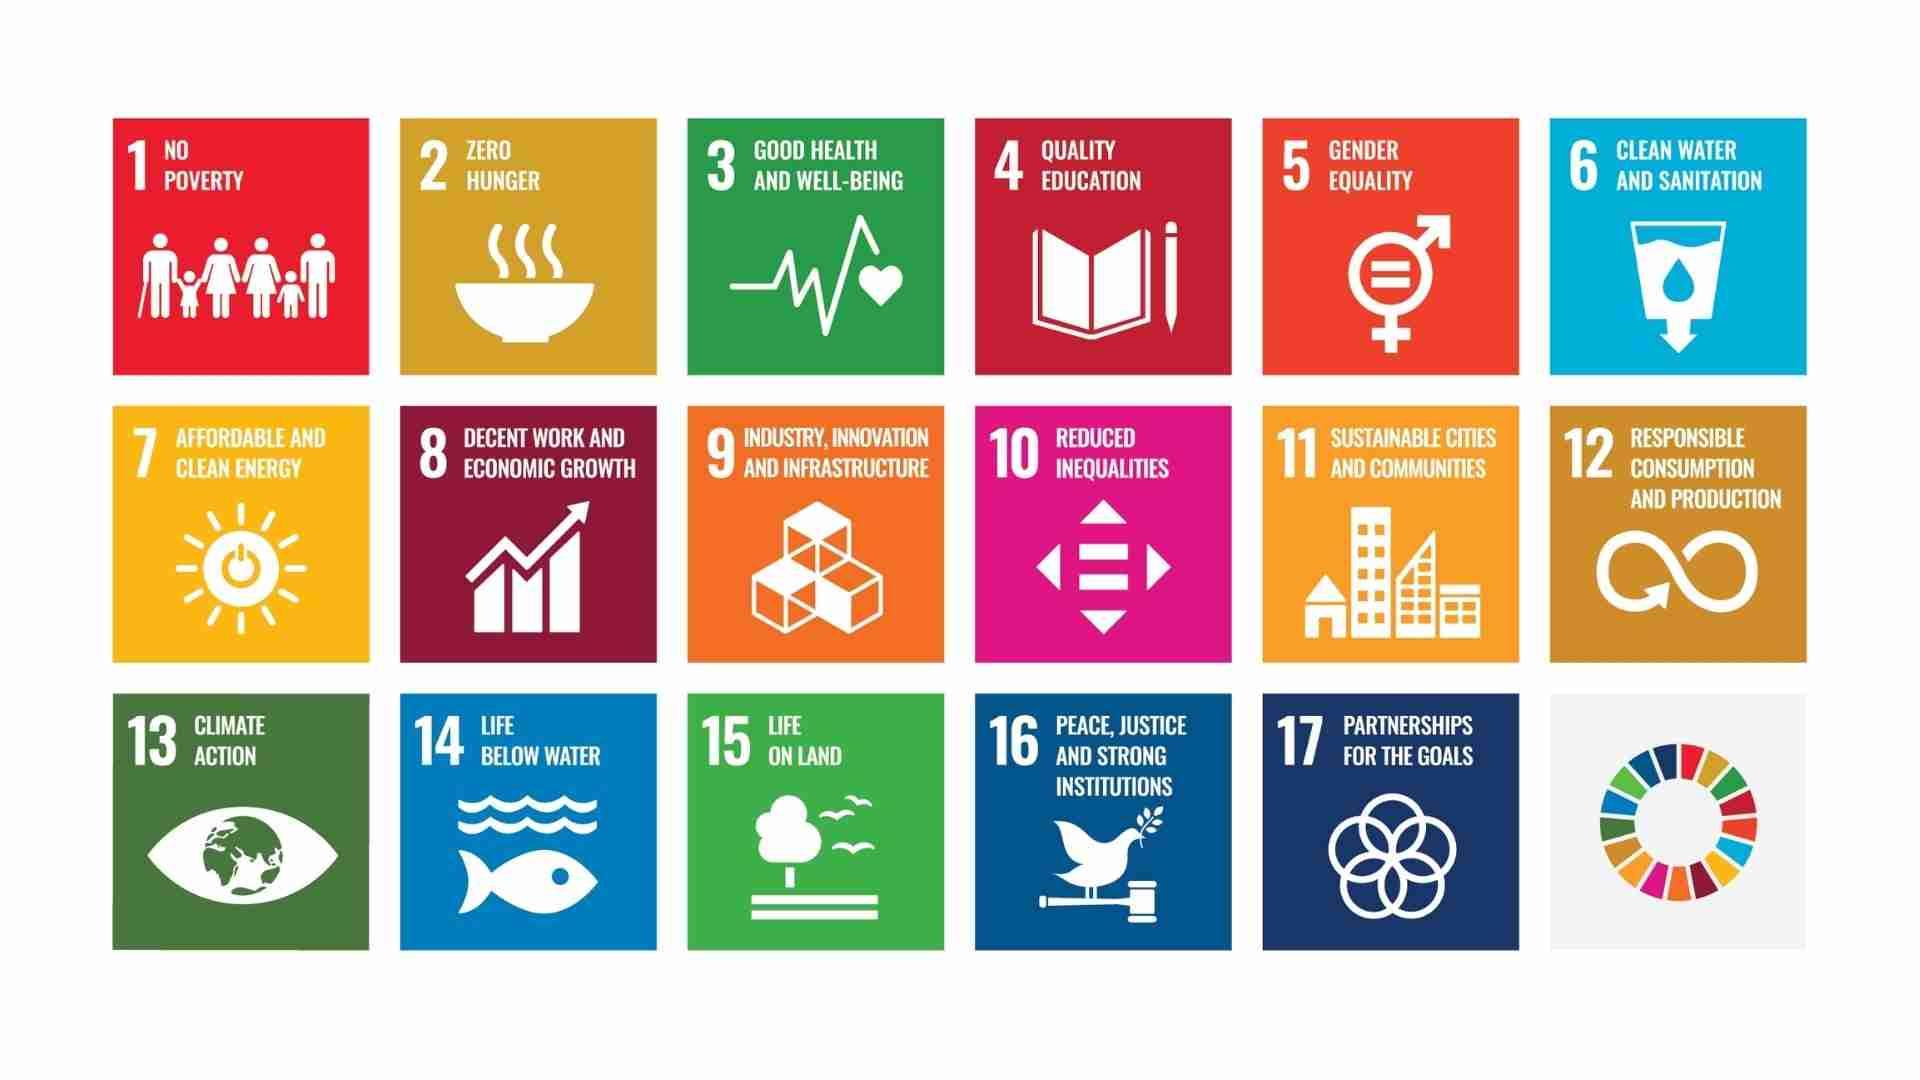 17-goals-agenda-2030-Rumundu